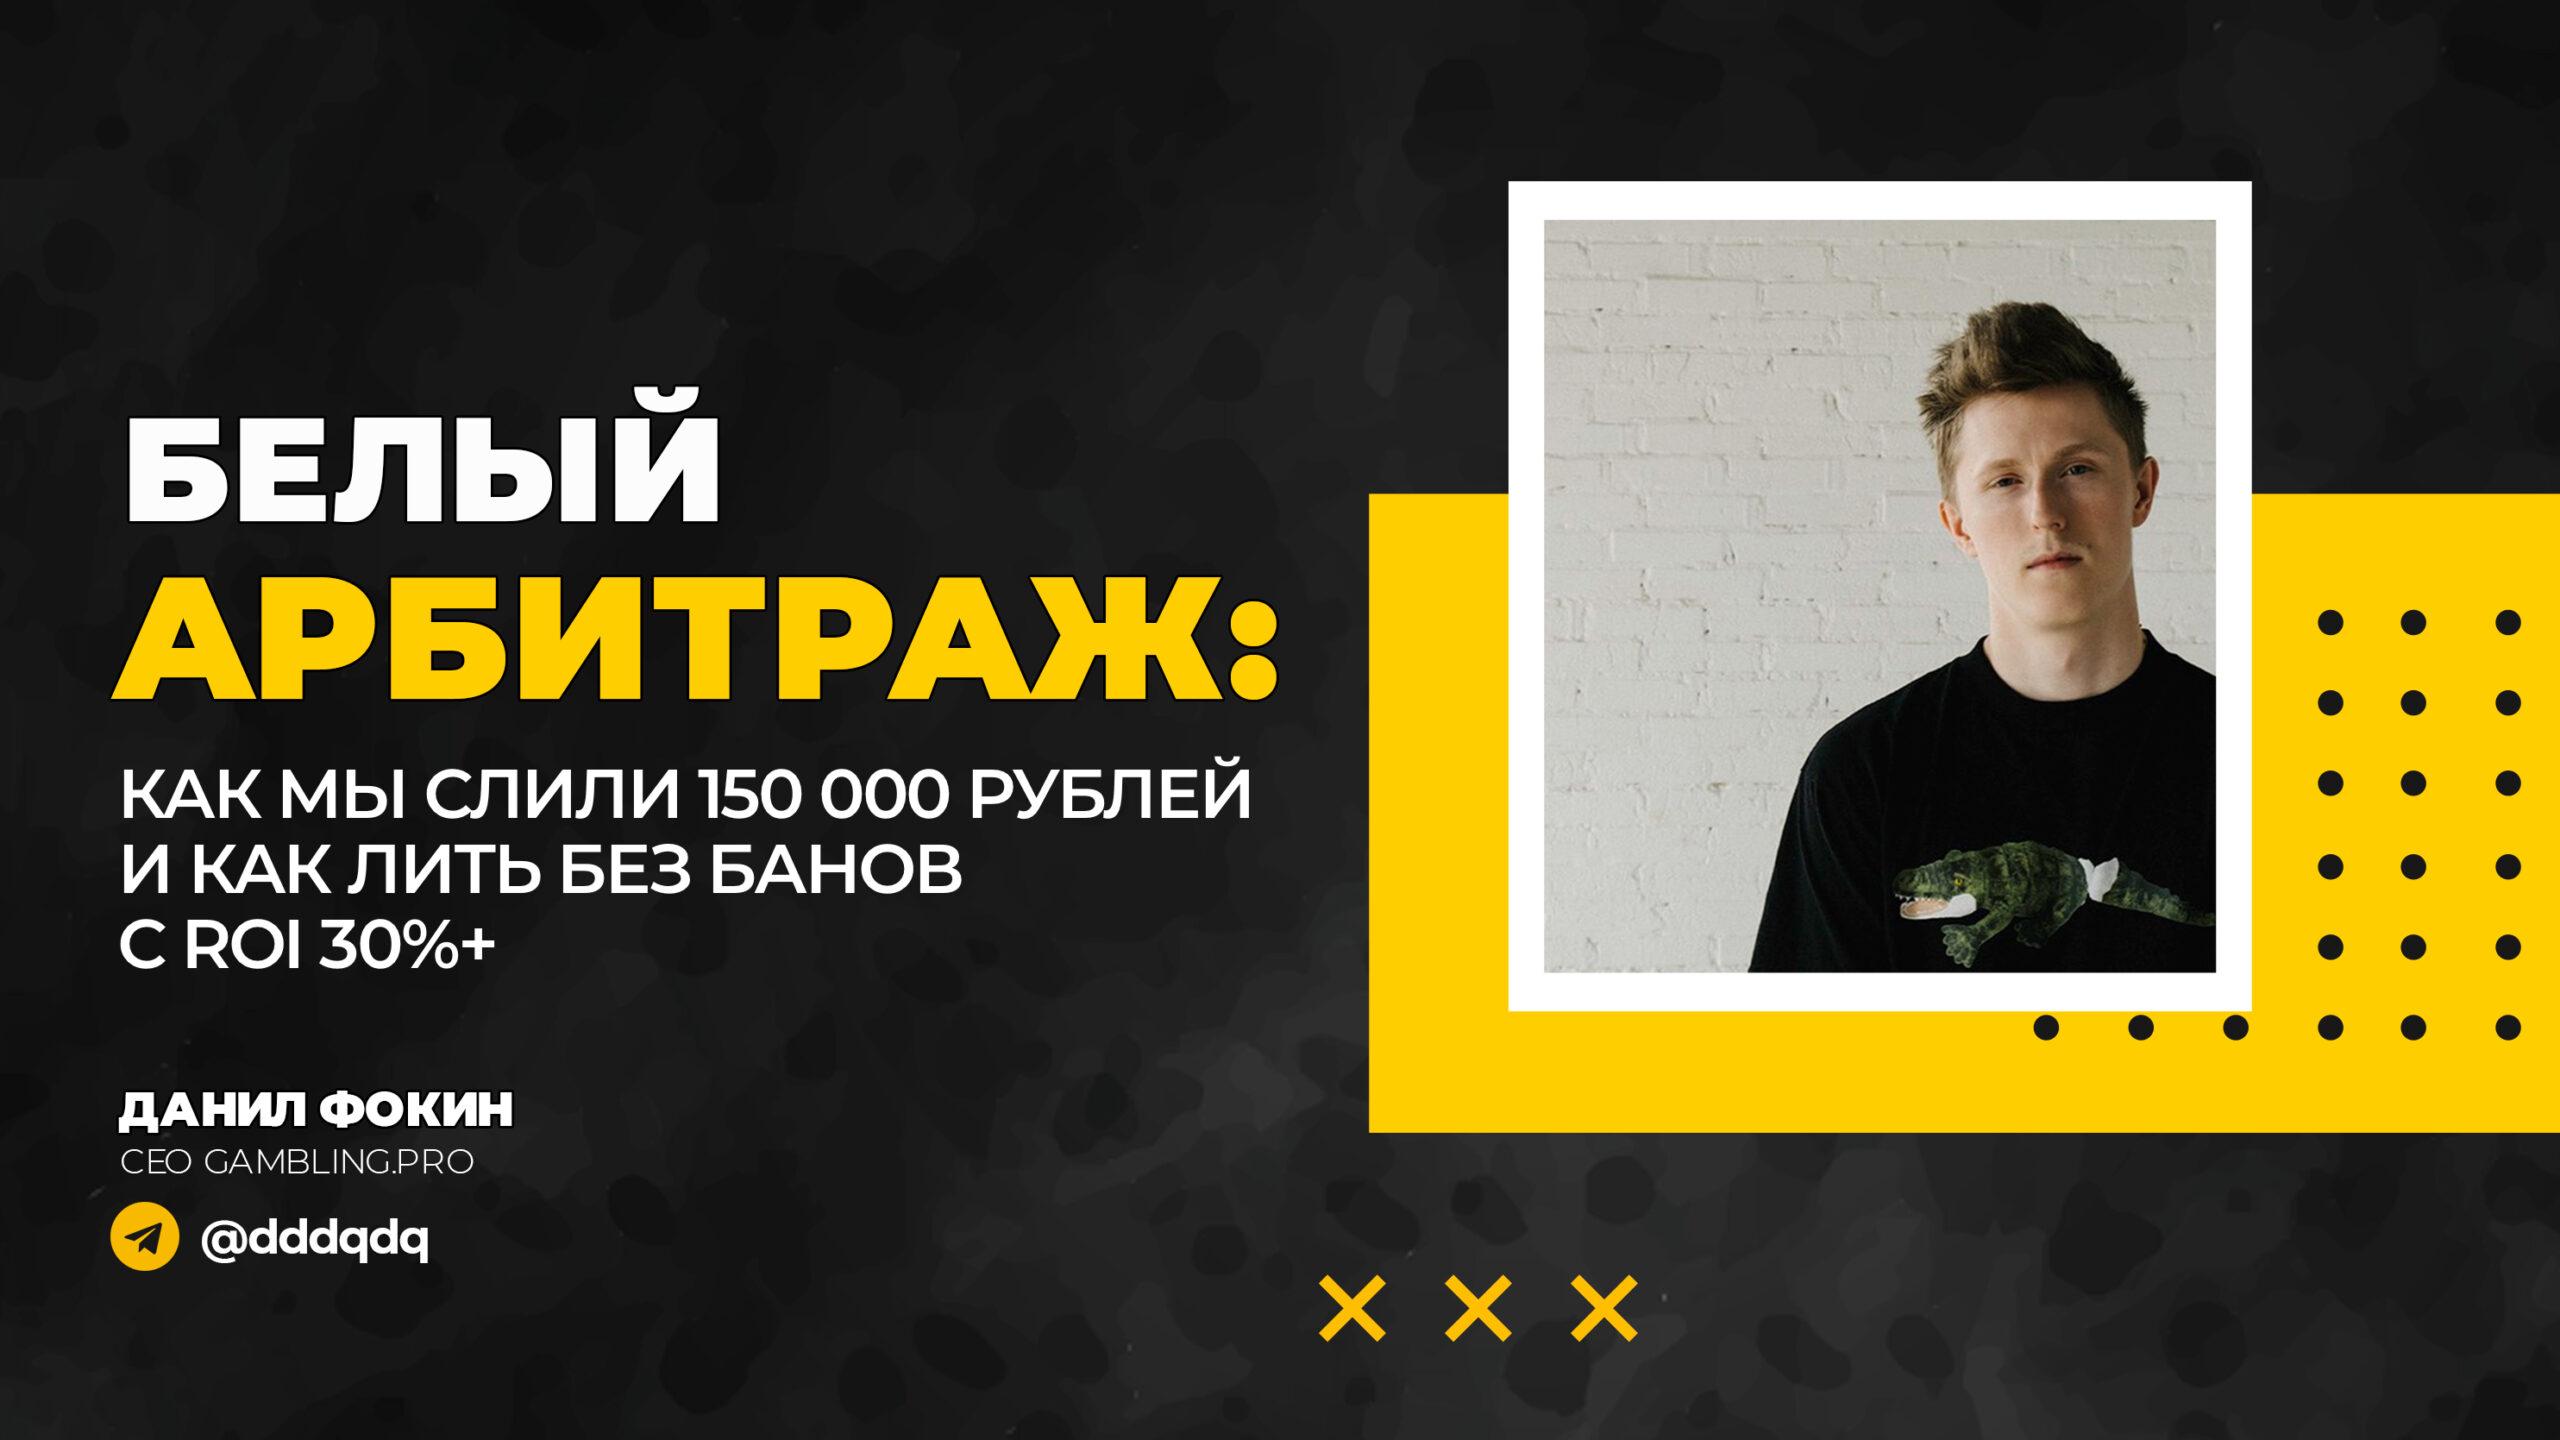 Белый арбитраж: как мы слили 150 000 рублей, и как лить без банов с ROI 30%+